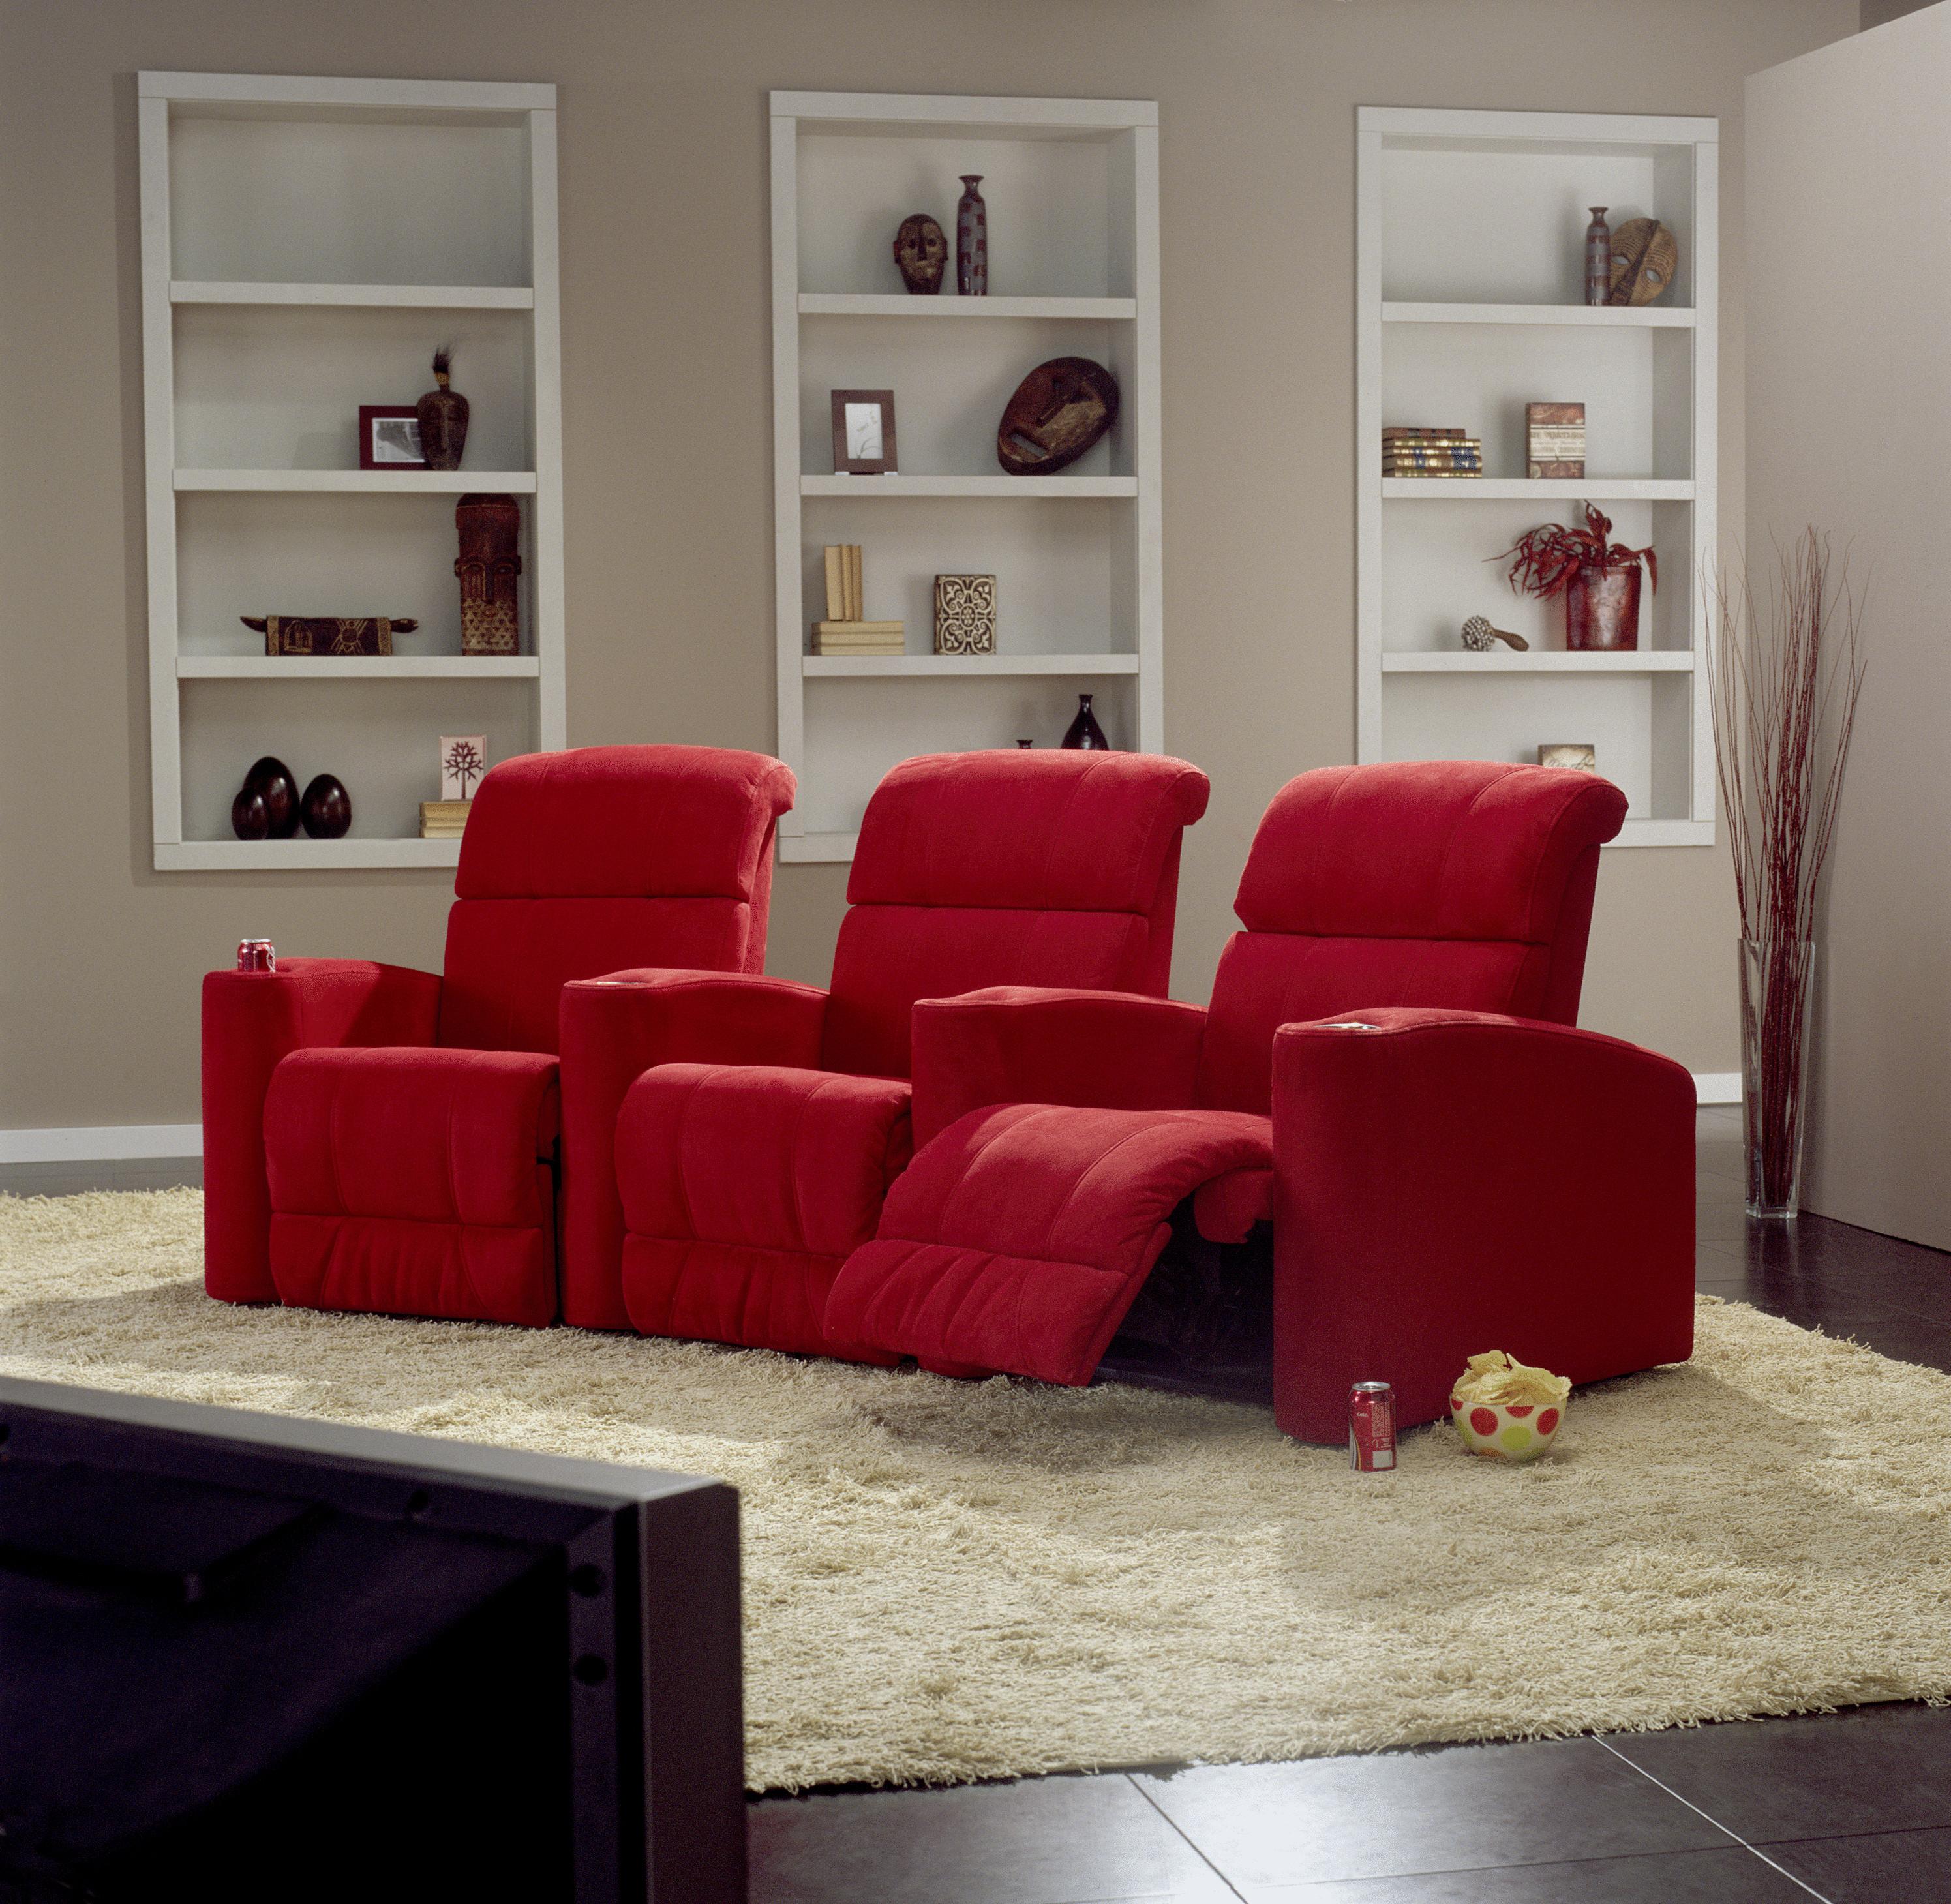 Palliser Furniture Available at TheaterSeatStore